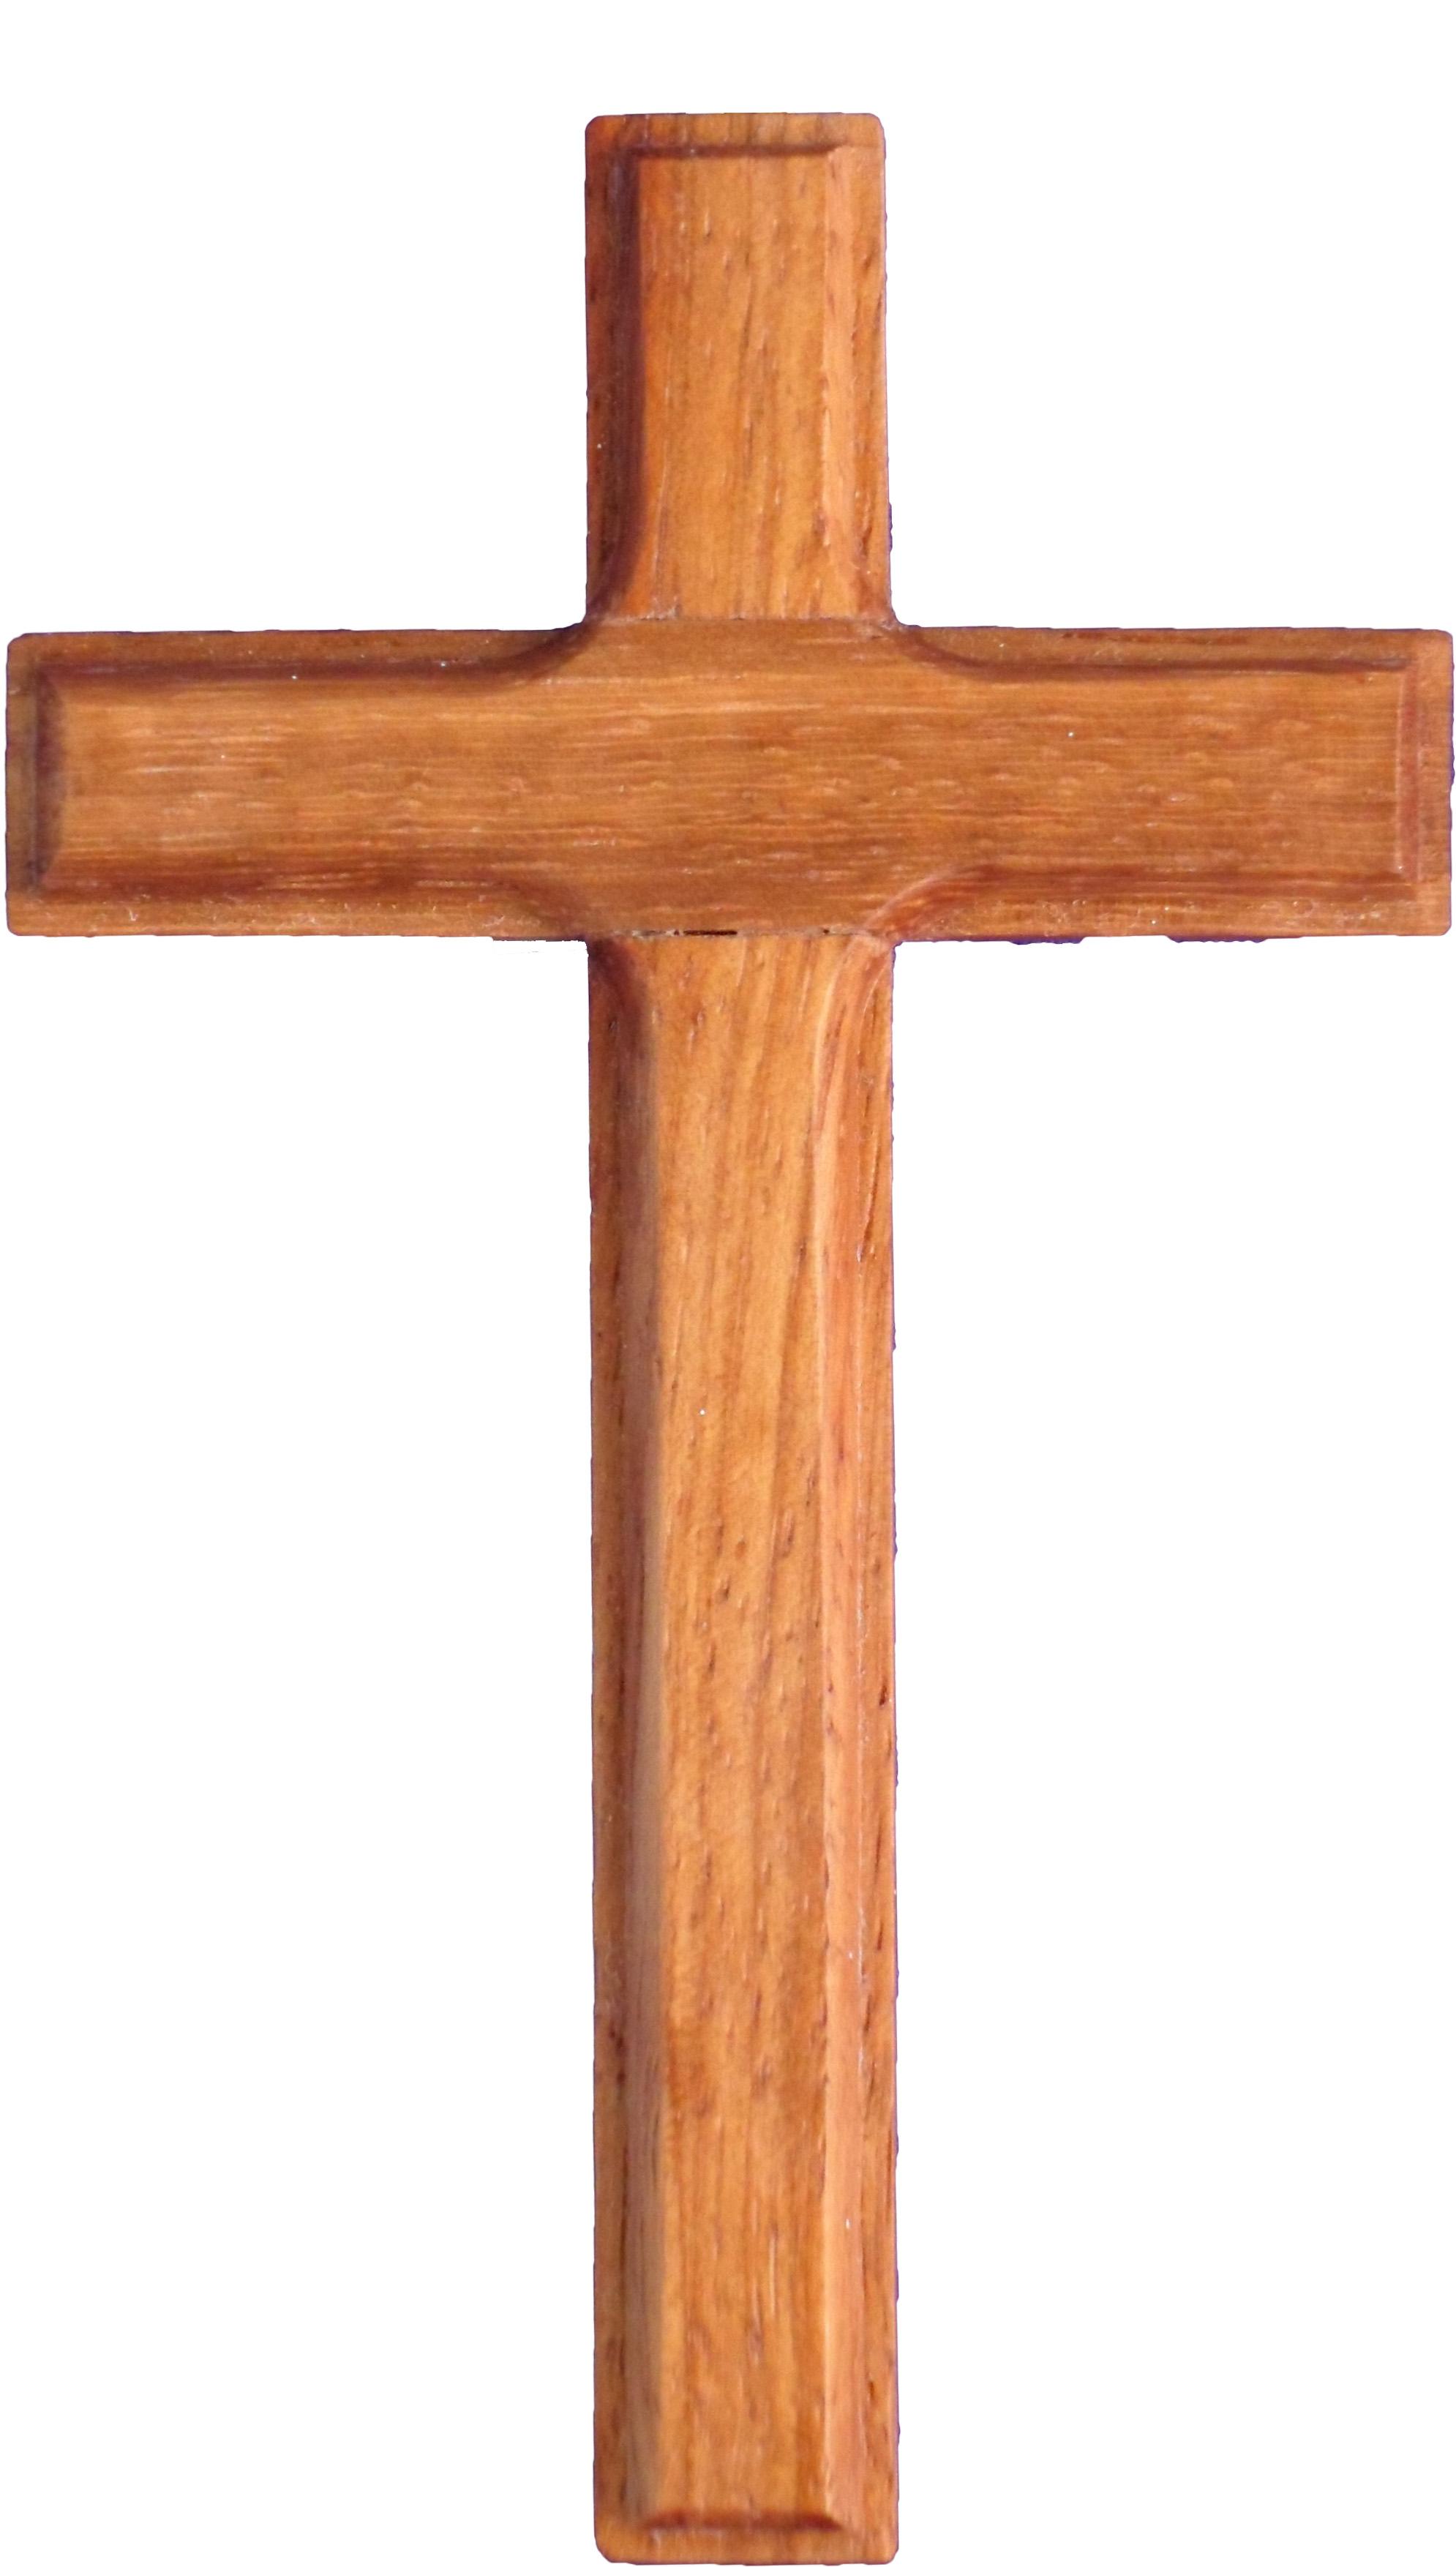 Wooden Cross Clipart.